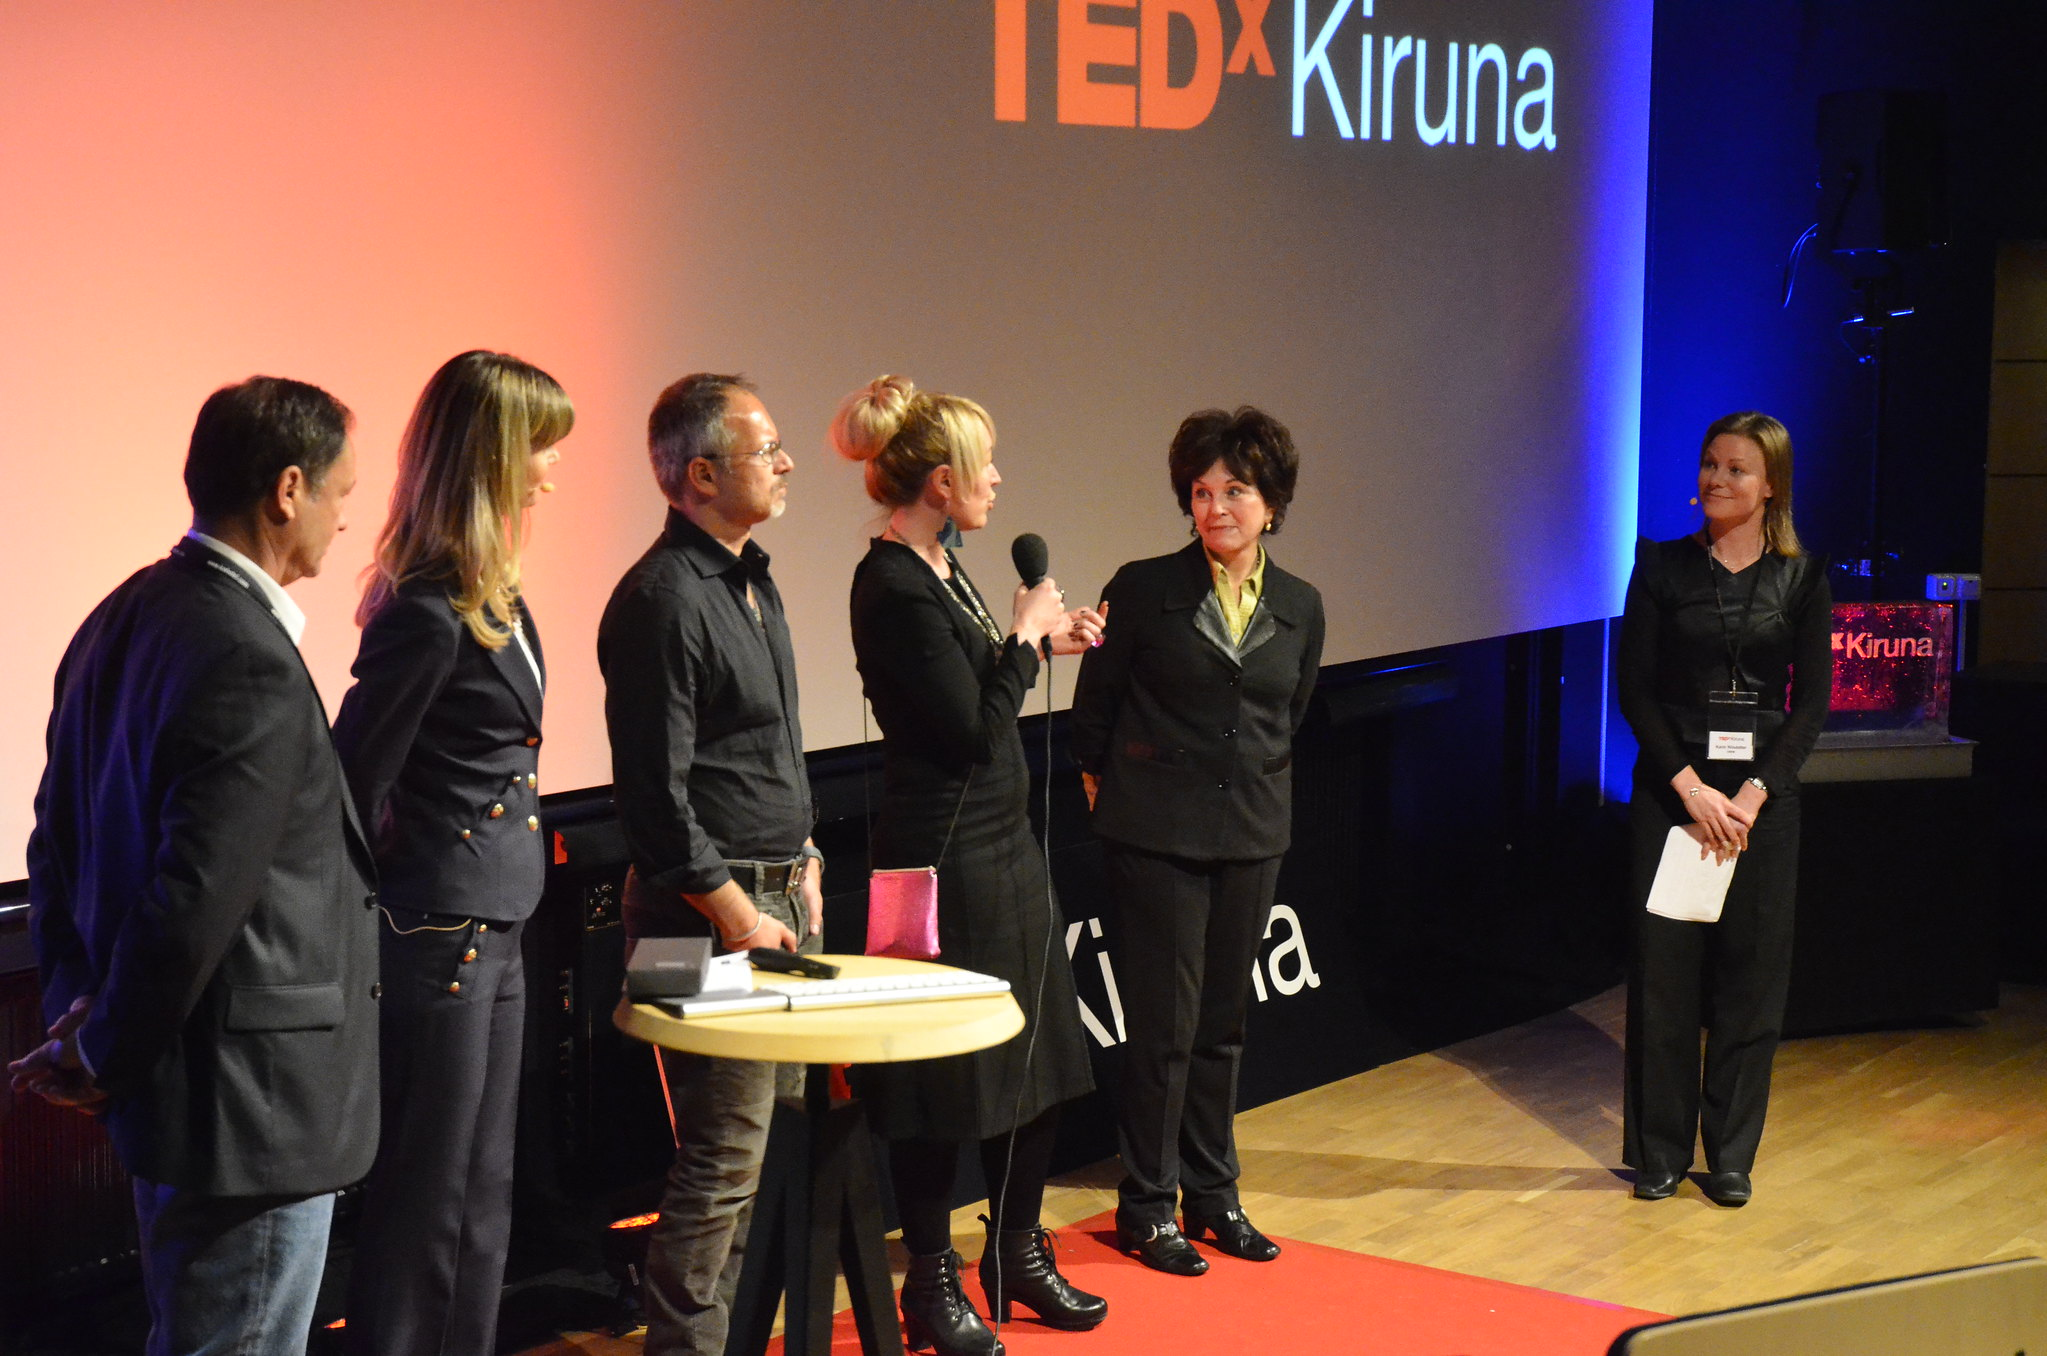 Karin Nilsdotter Flickr